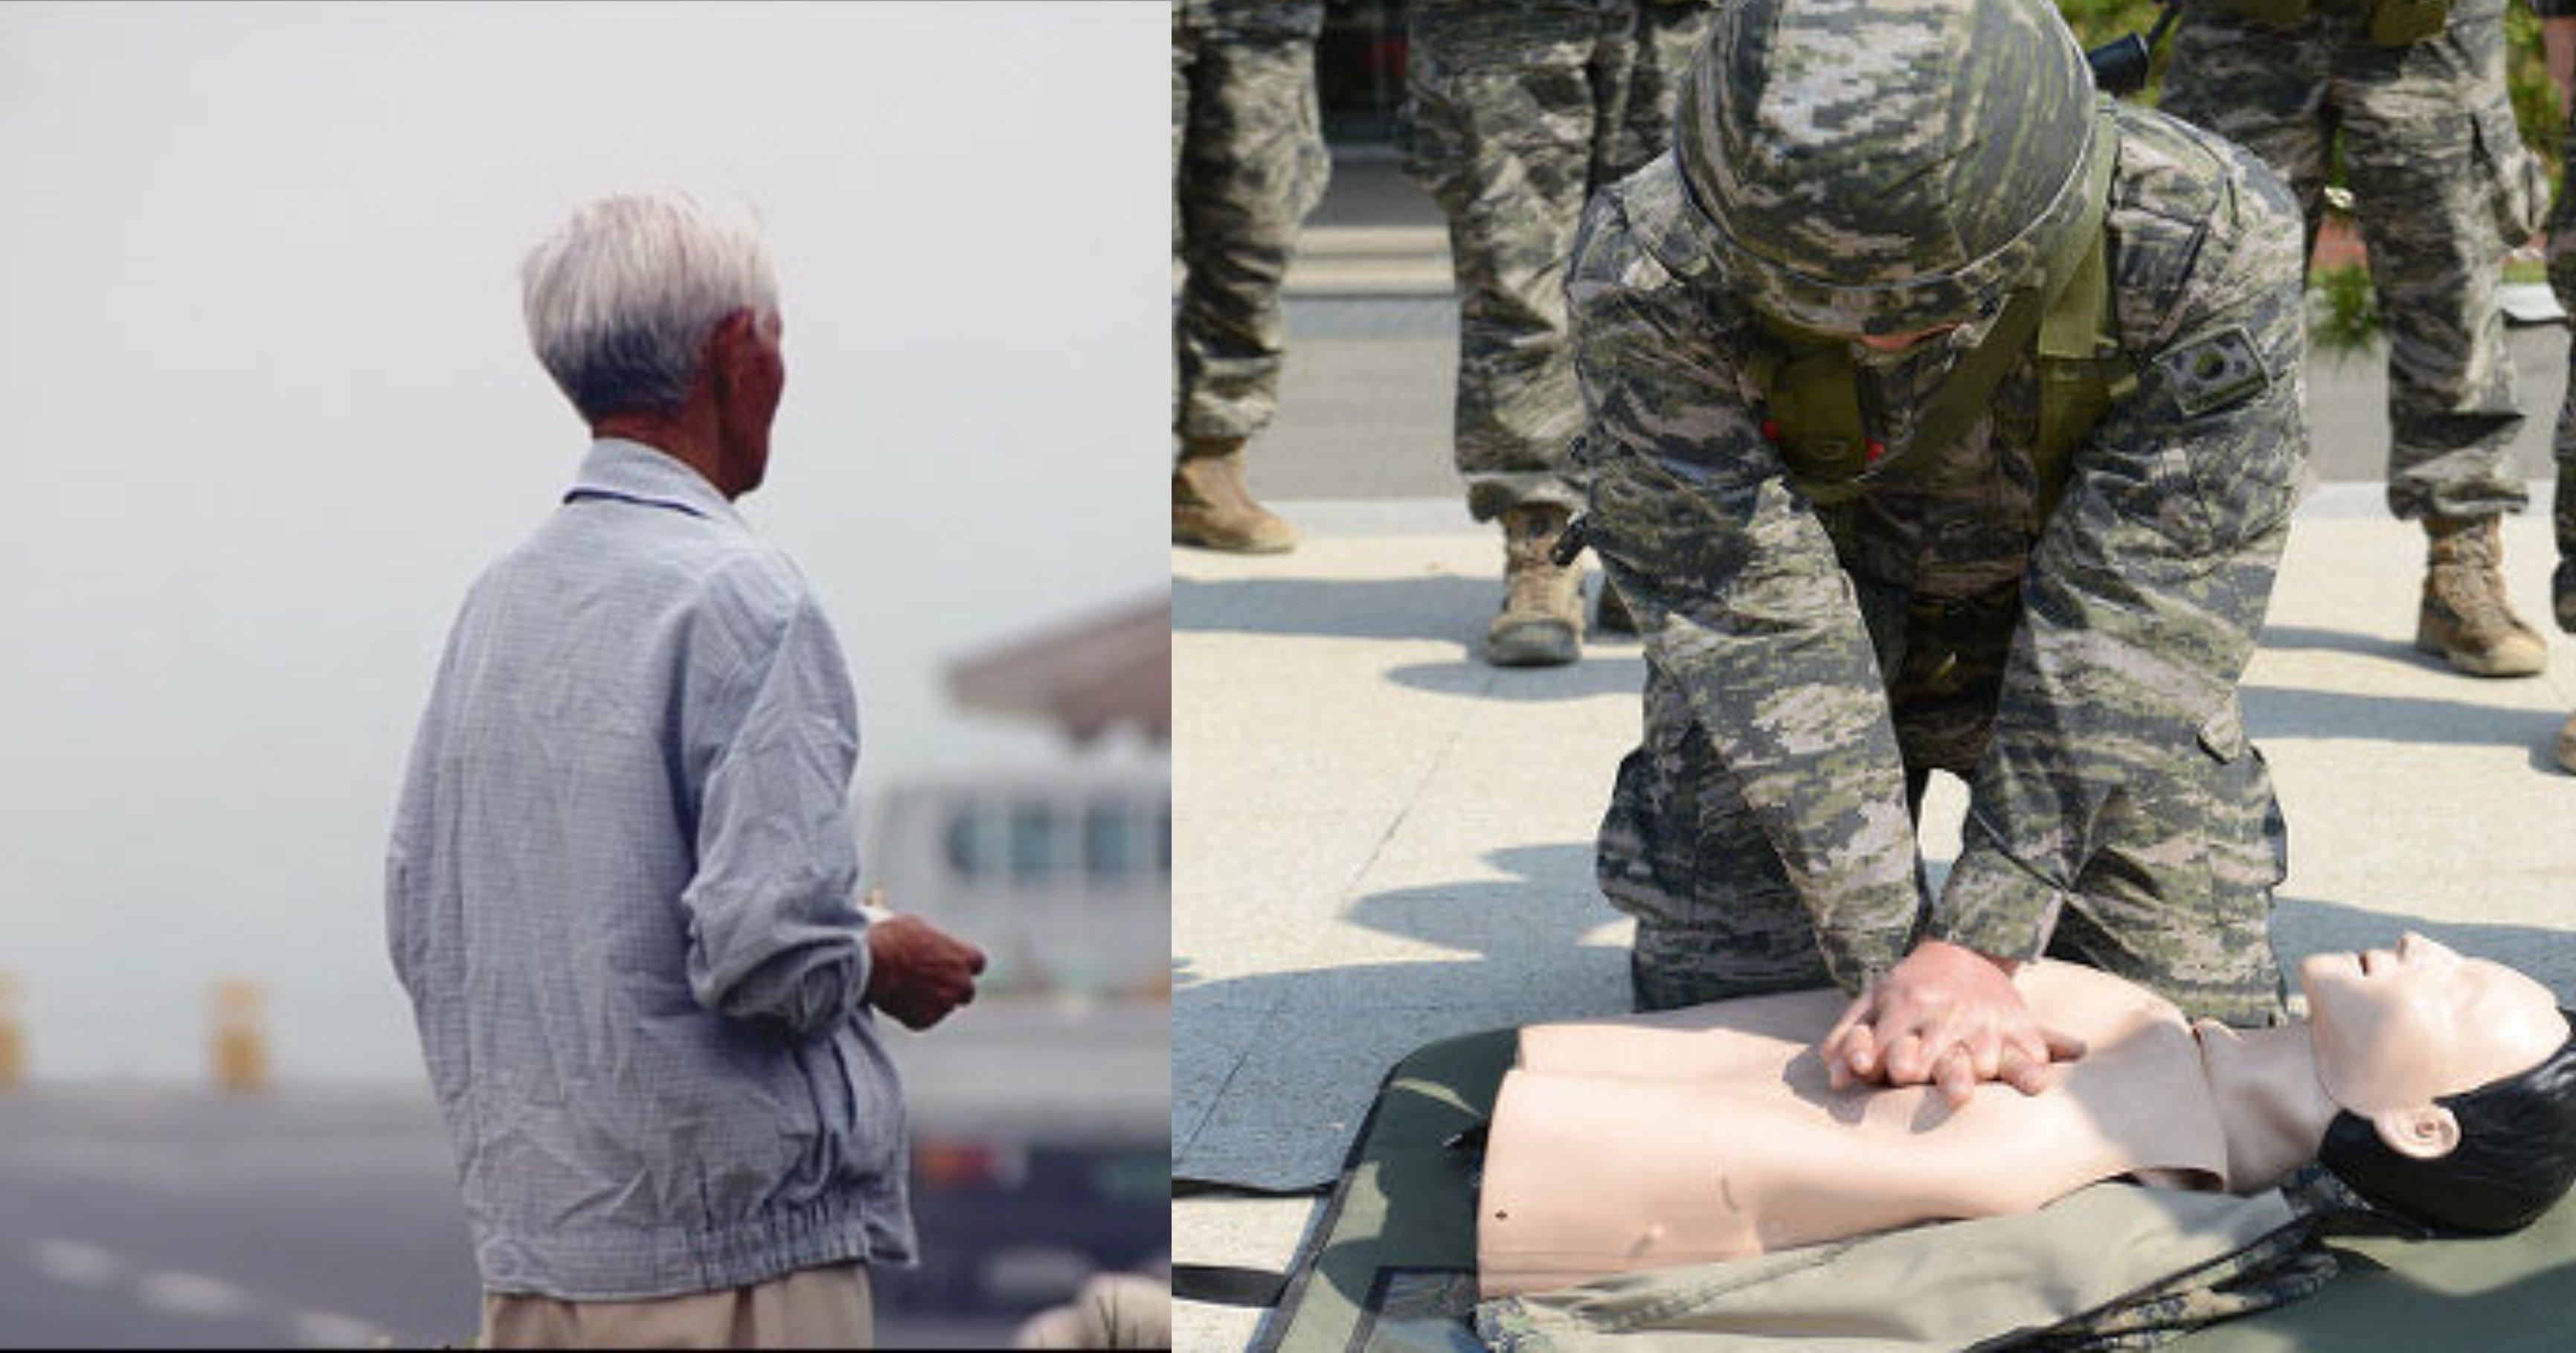 eab5b0eb8b98 ec8db8eb84a4ec9dbc.jpg?resize=412,275 - 휴가 나왔다가 복귀 길에 쓰러진 '할아버지' 발견해 군대에서 배운 '구급법'으로 살린 군인